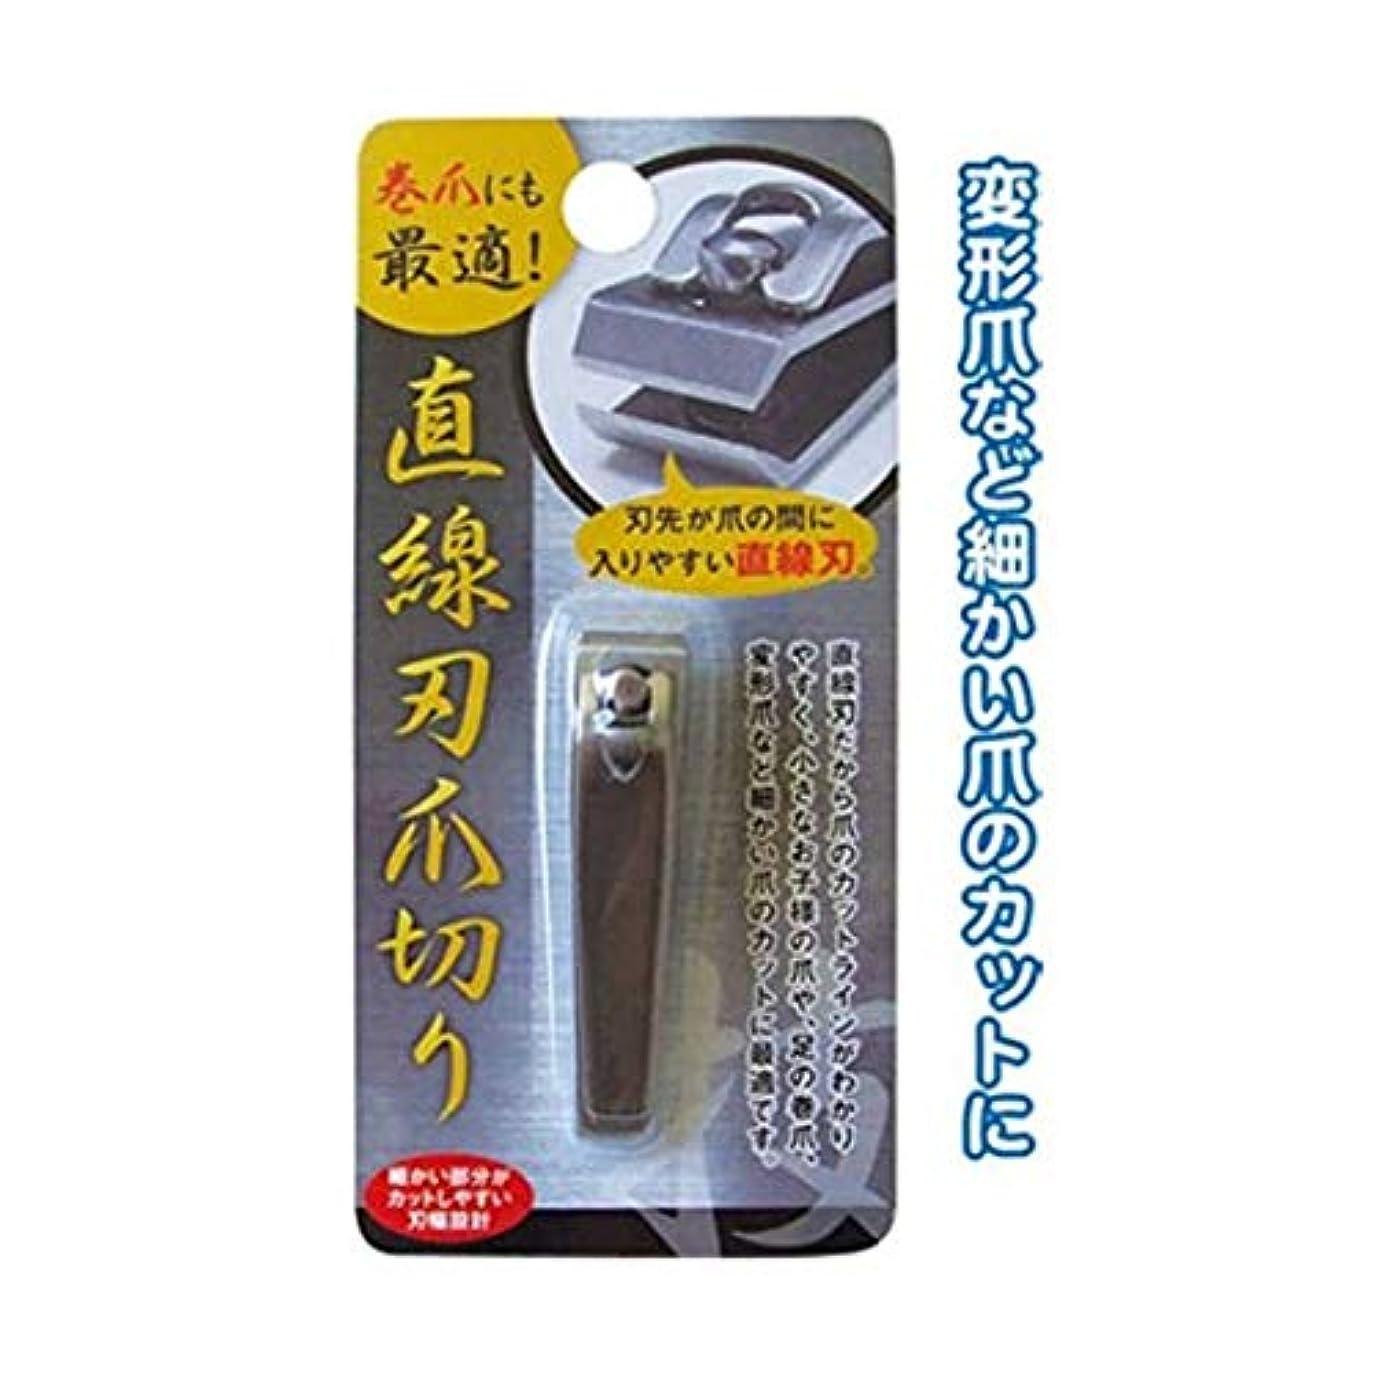 時系列複雑なカスケード健康用品 巻爪にも最適!直線刃ステンレス爪切り 【12個セット】 18-601